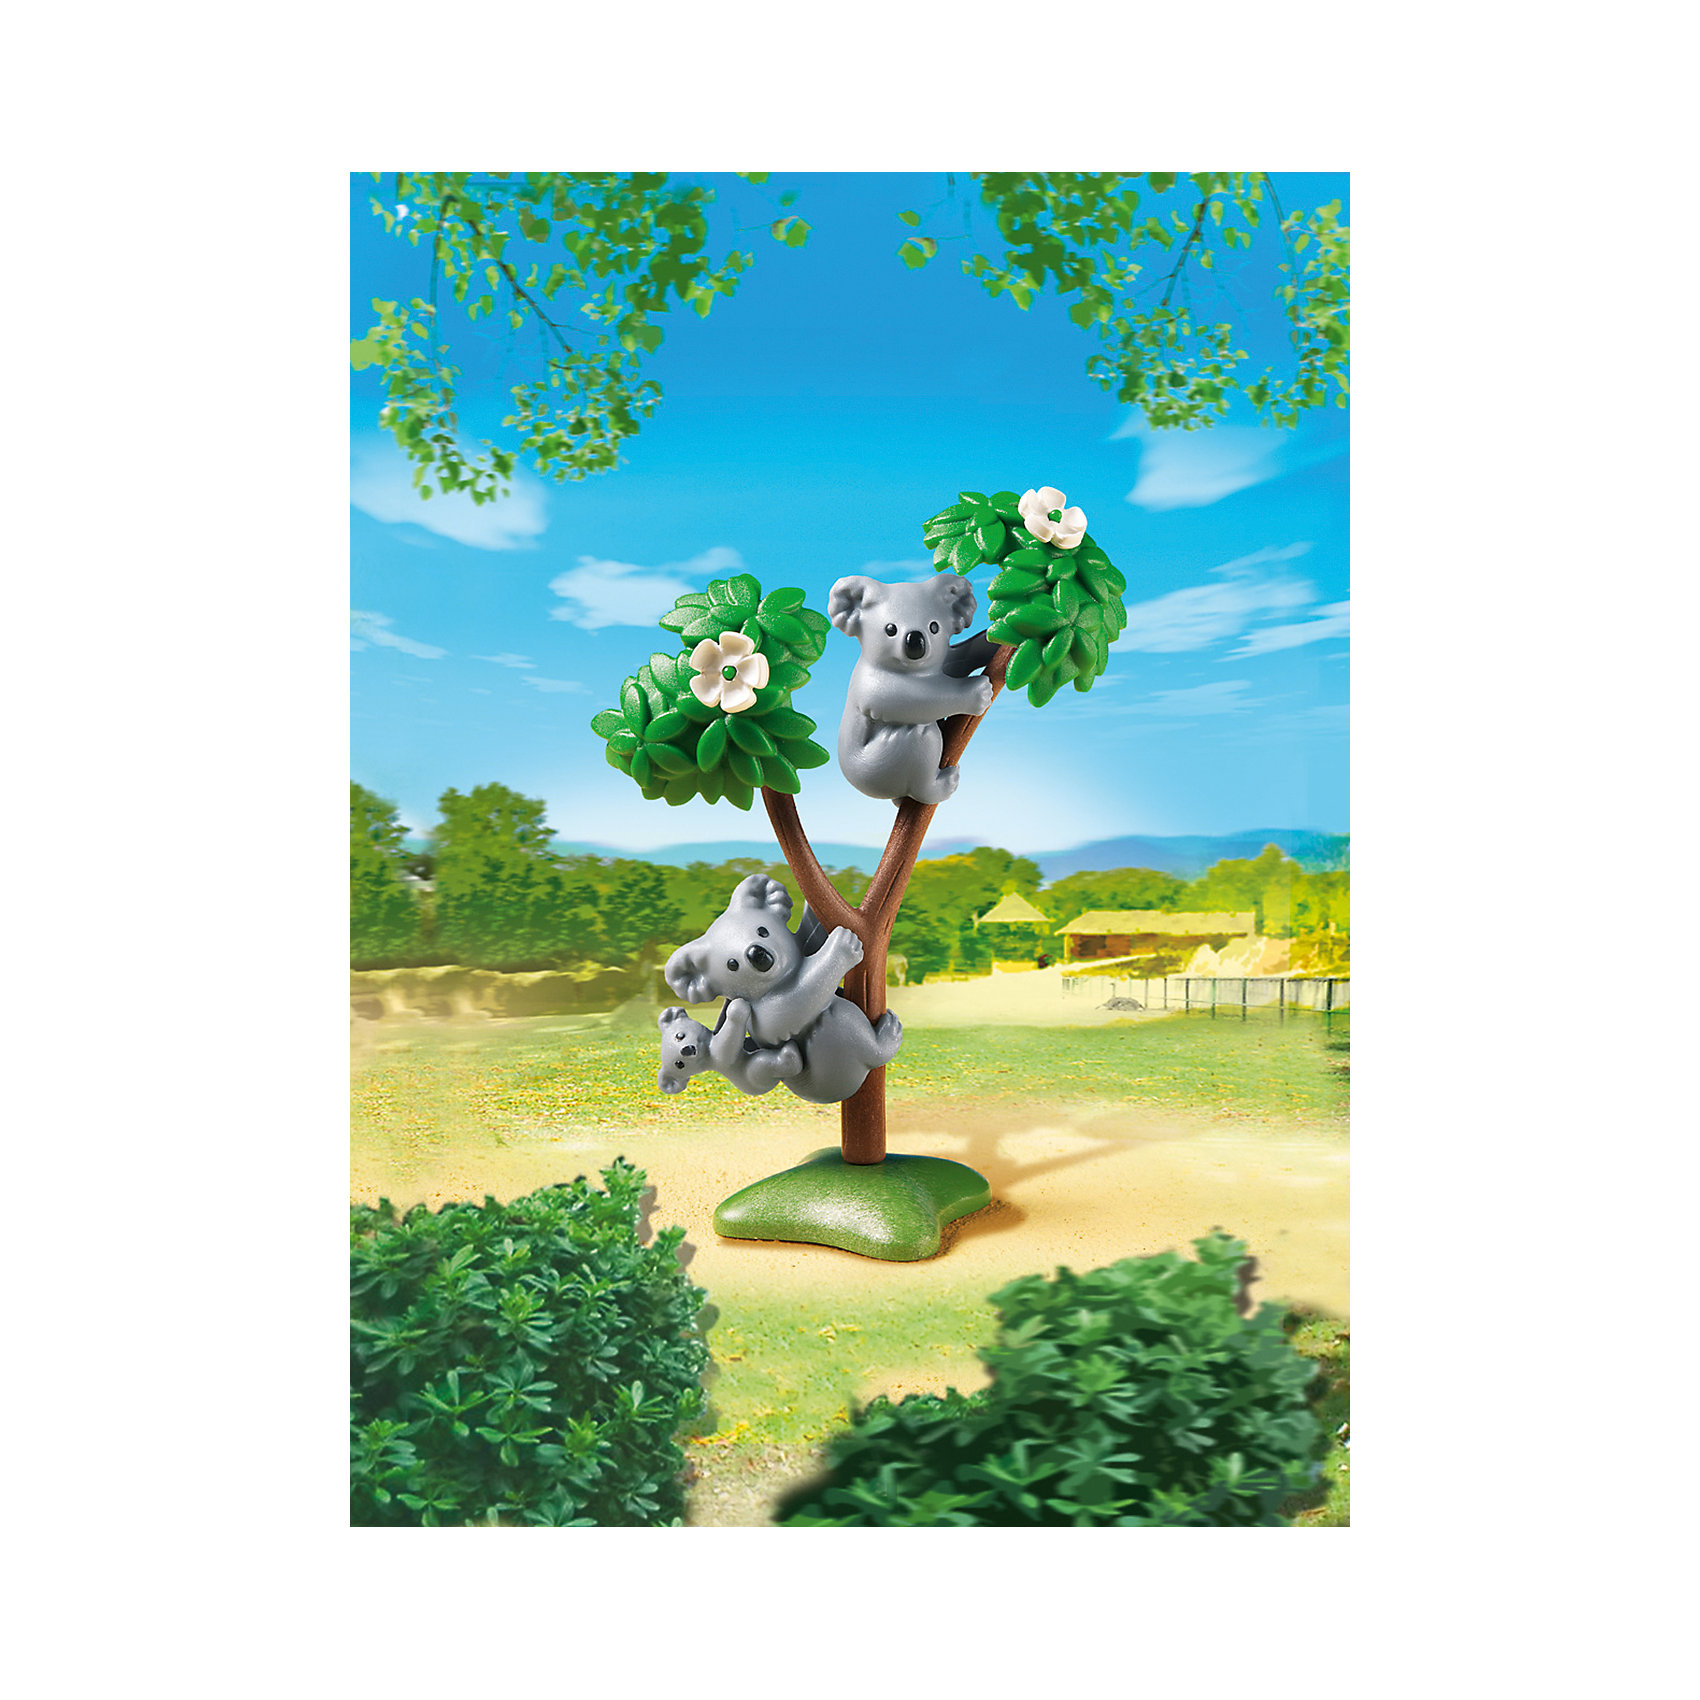 PLAYMOBIL® Зоопарк: Семья Коал, PLAYMOBIL playmobil® зоопарк семья тигров playmobil